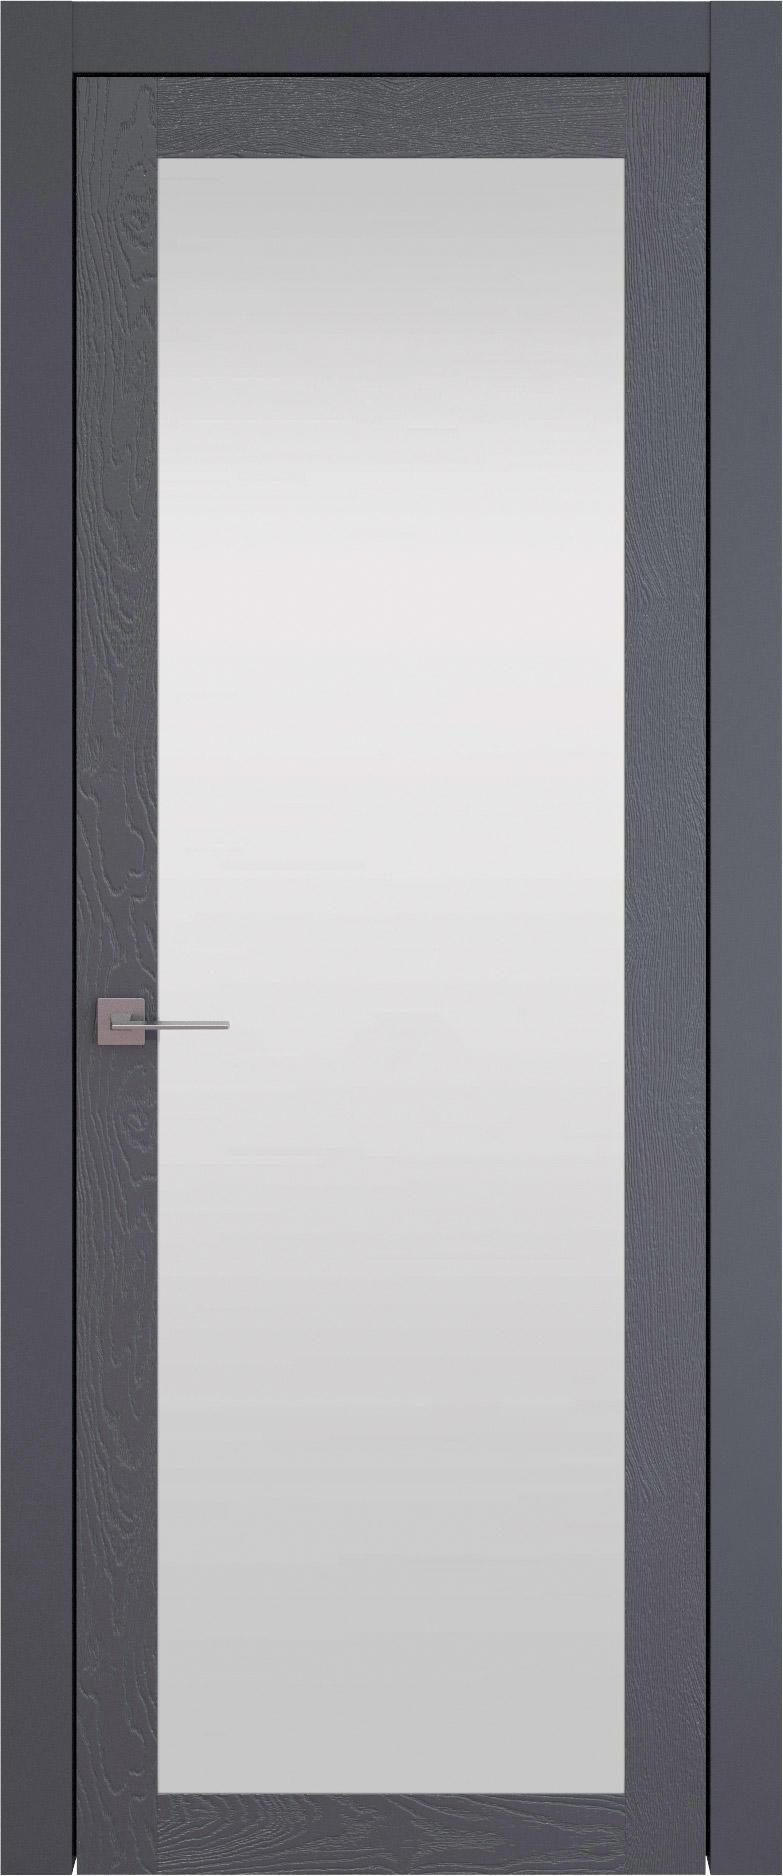 Tivoli З-1 цвет - Графитово-серая эмаль по шпону (RAL 7024) Со стеклом (ДО)